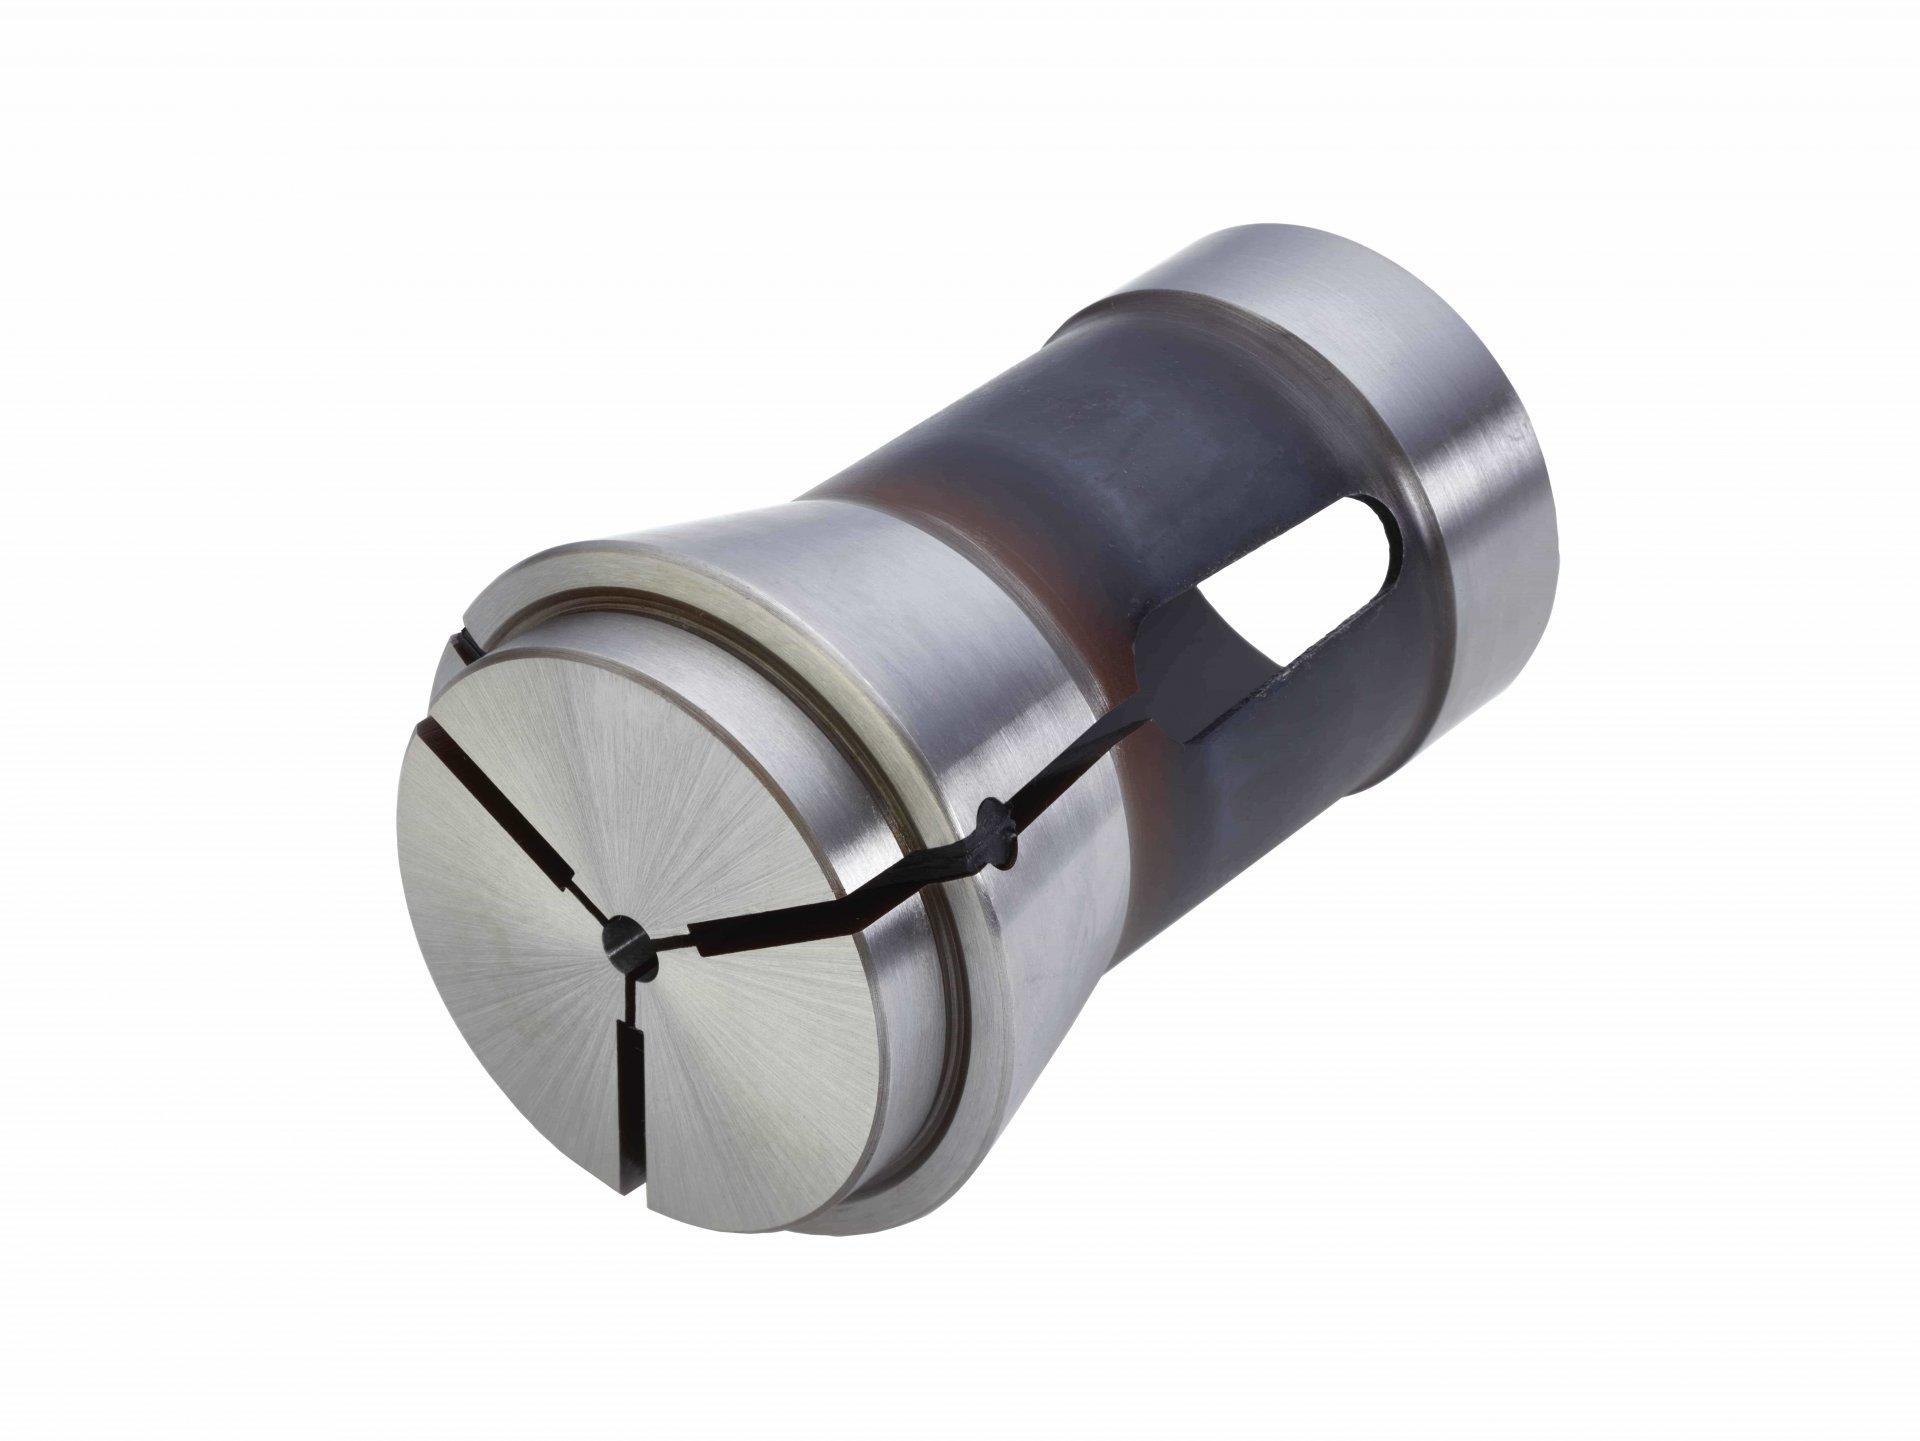 Spannzange 161E - verschiedene Durchmesser